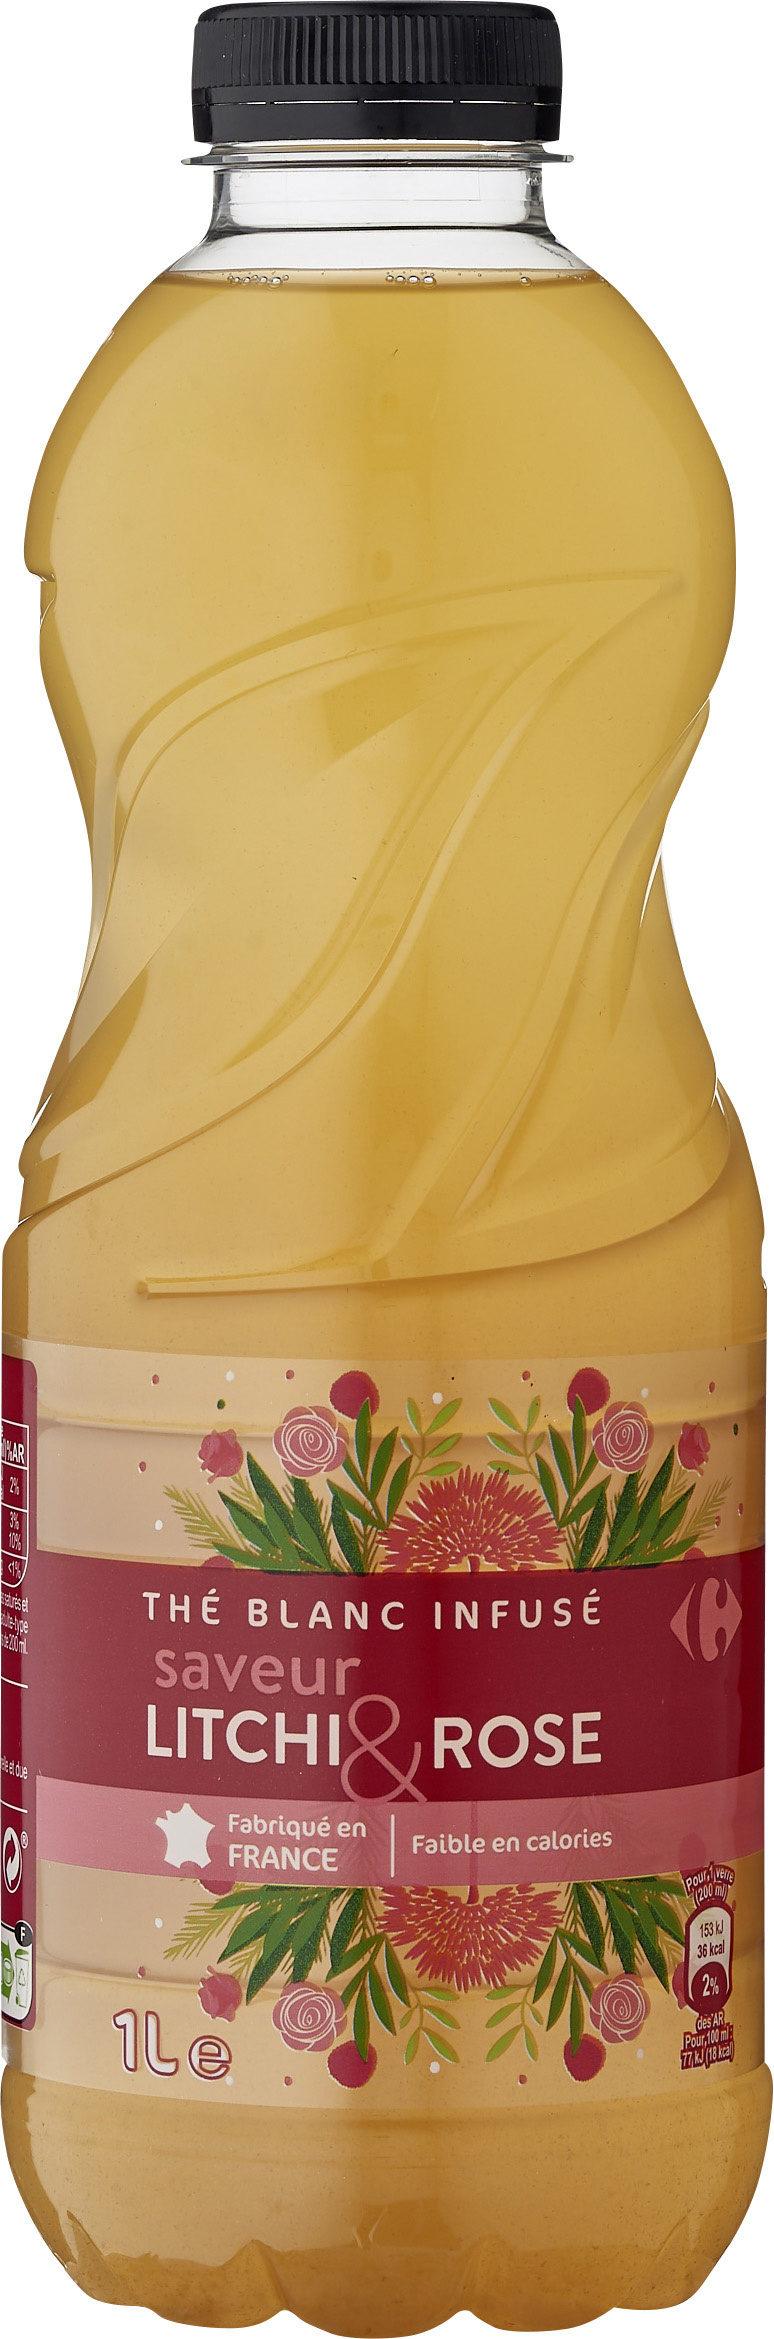 The blanc infuse saveur litchi & rose - Produit